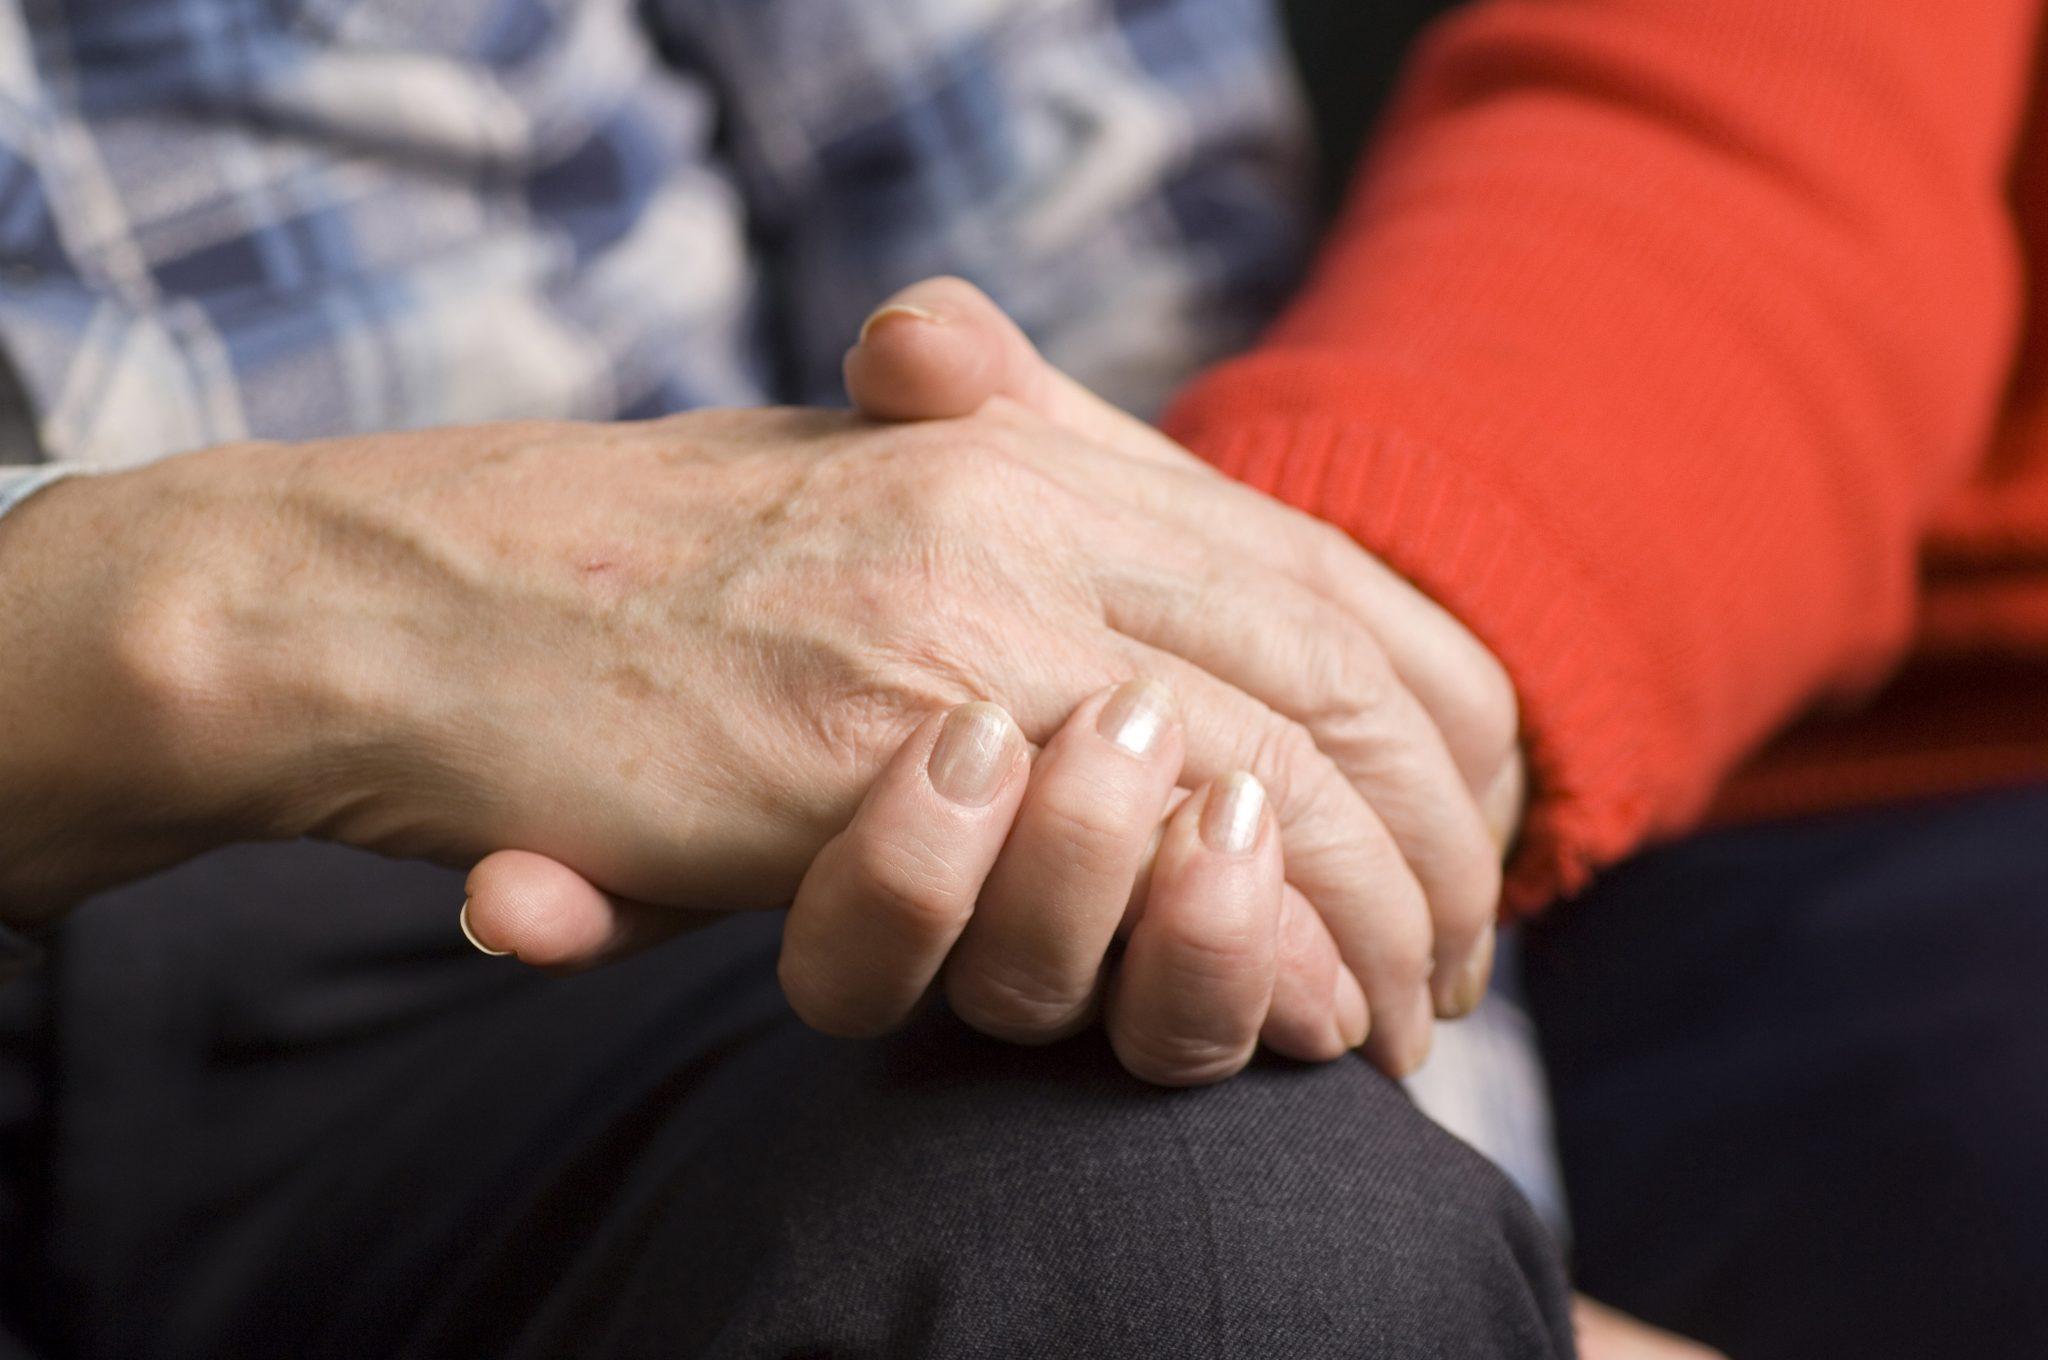 Kahden aikuisen kädet yhdessä